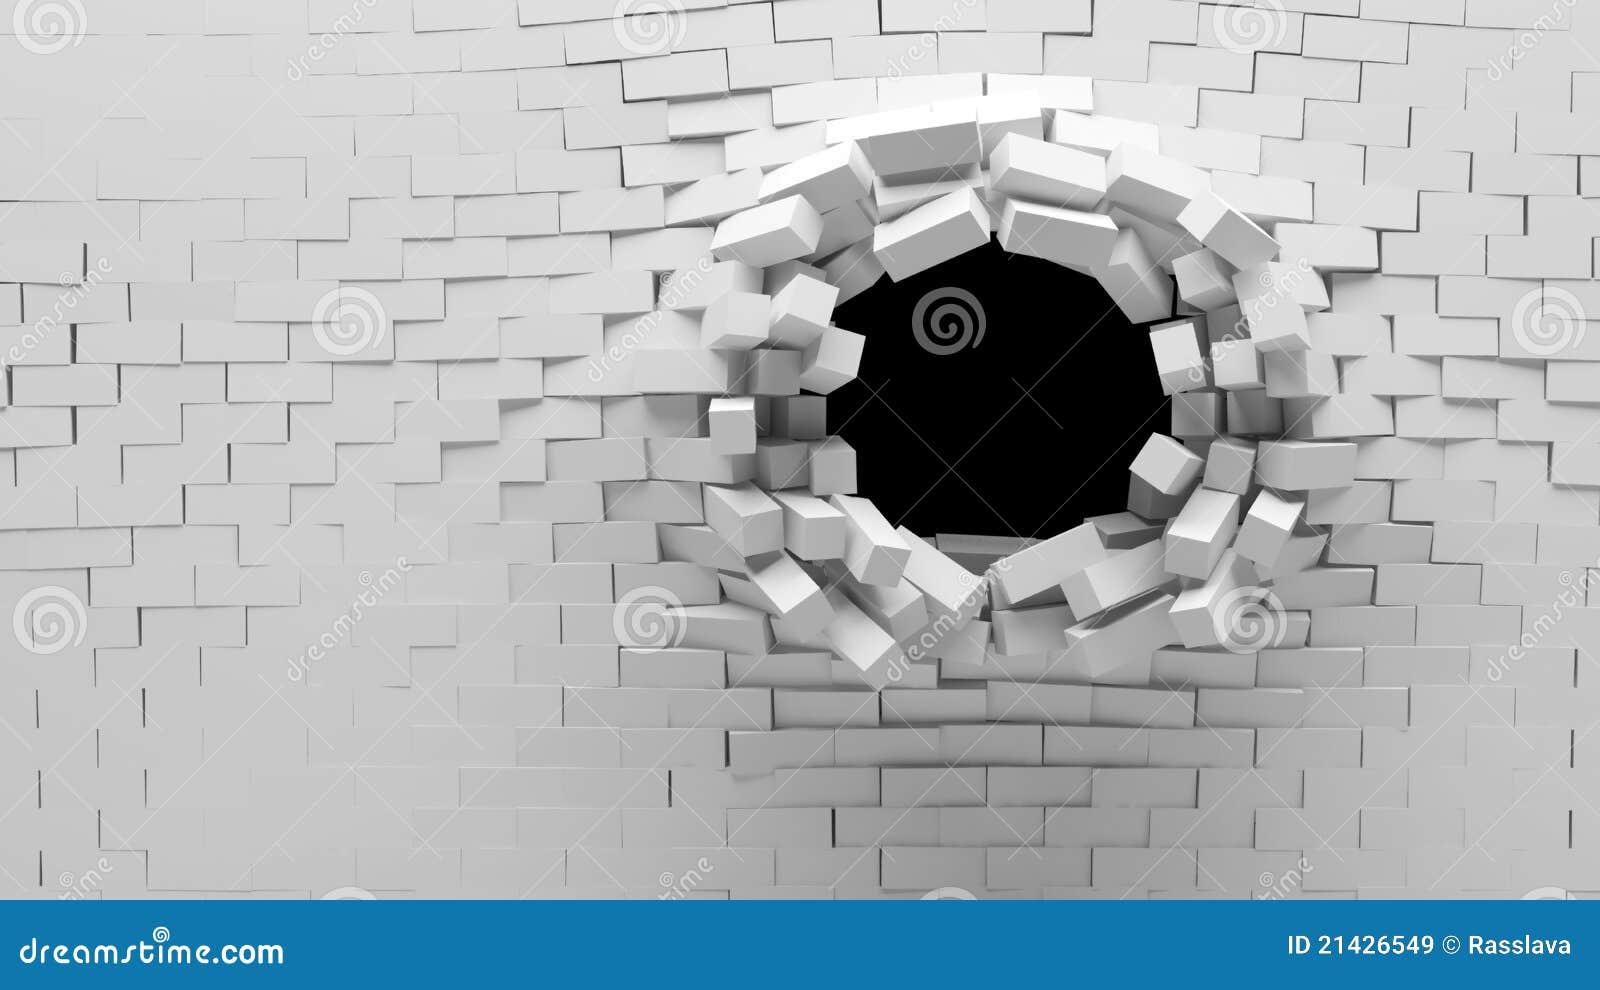 Floor Plans Broken Brick Wall Stock Illustration Image Of Demolition